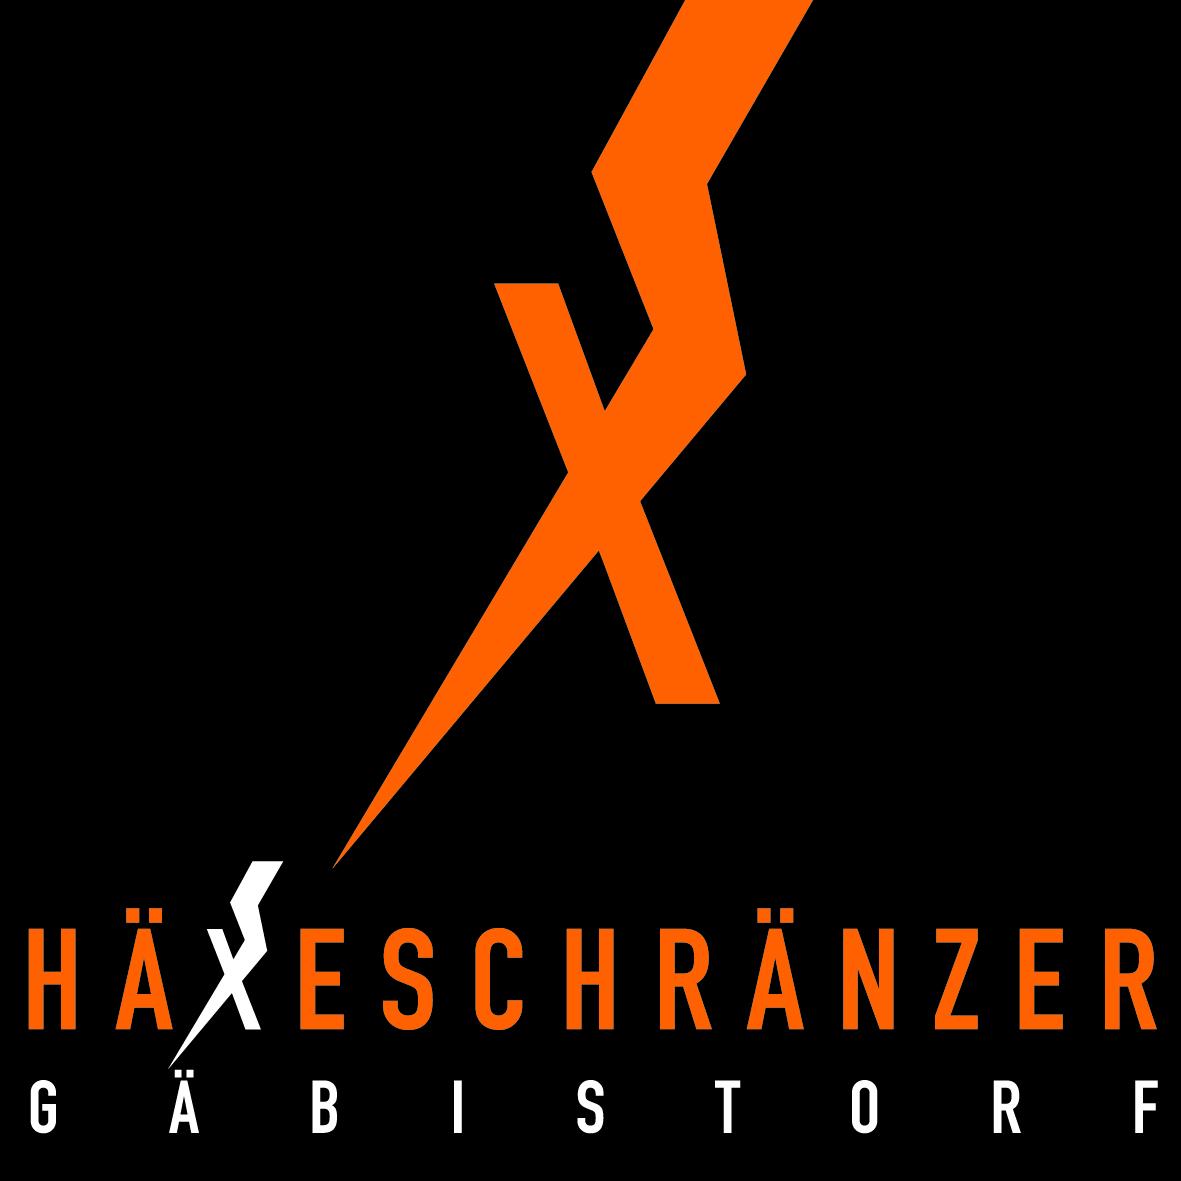 Guggemusik Häxeschränzer Gäbistorf